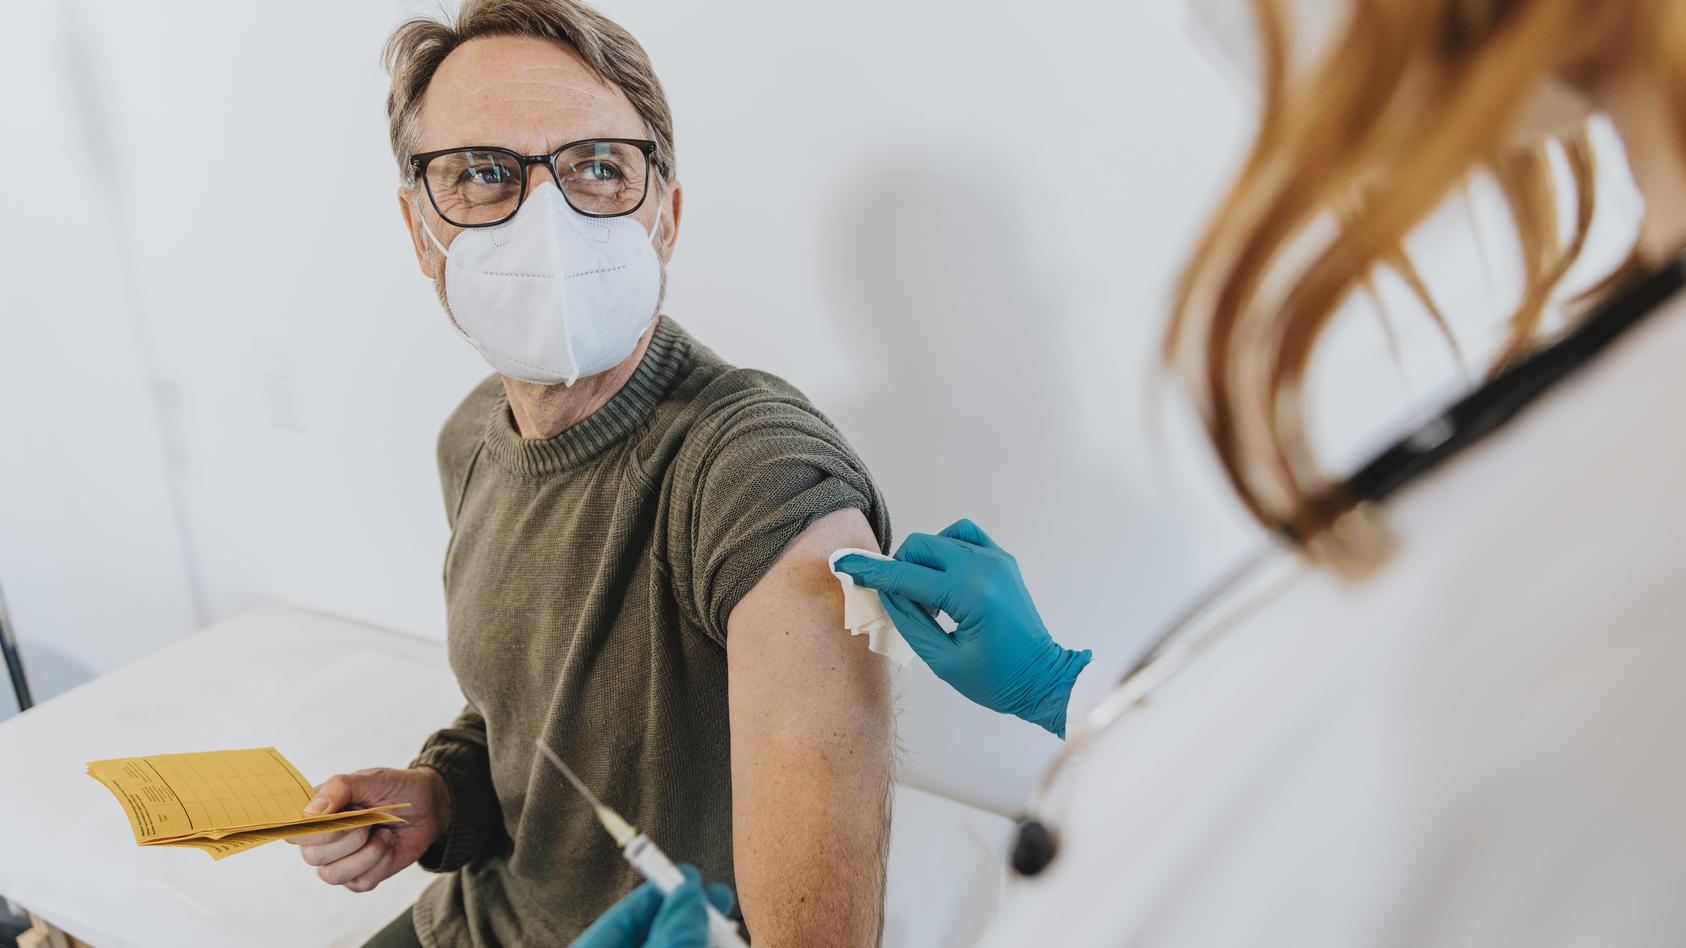 Corona-Impfungen sind in Deutschland nun auch beim Hausarzt möglich - dadurch scheint sich das Tempo erheblich zu beschleunigen.